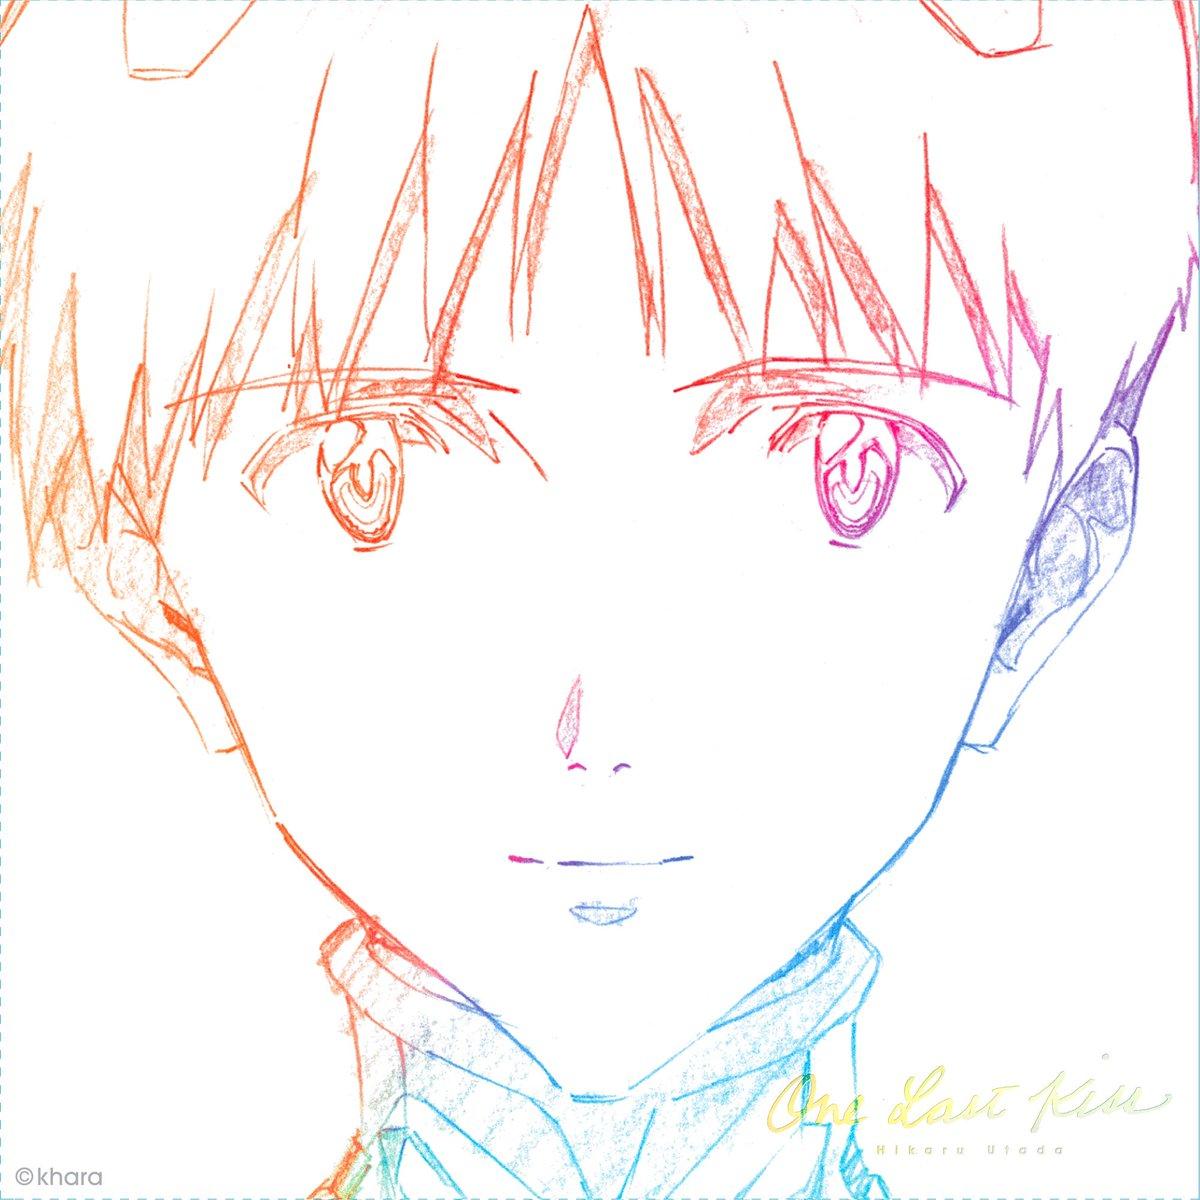 『宇多田ヒカル - Beautiful World (Da Capo Version)』収録の『One Last Kiss』ジャケット